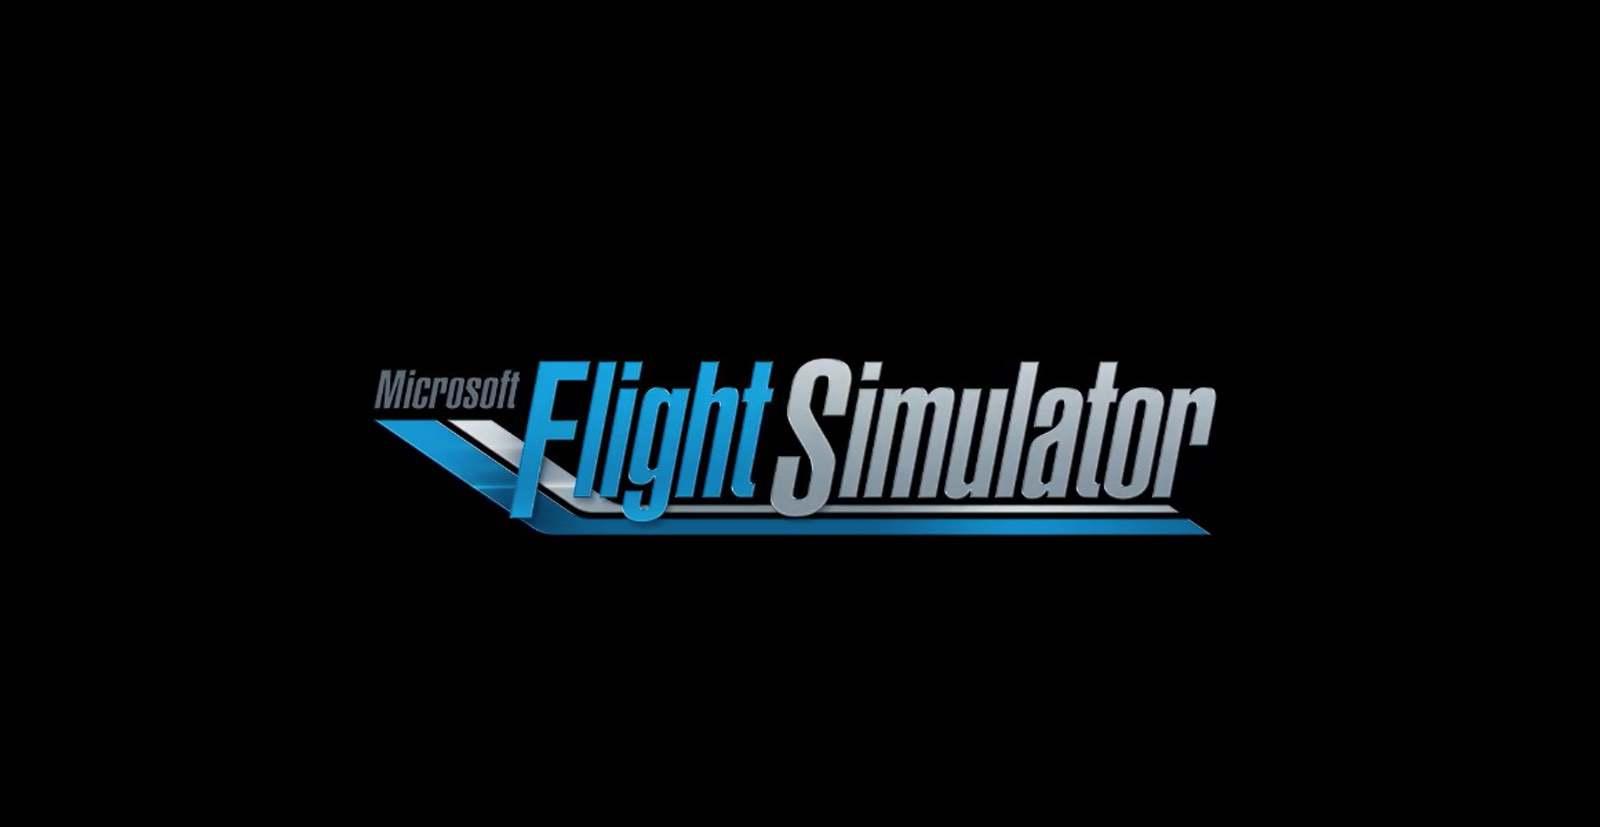 Microsoft Flight Simulator 2020 – neues Video veröffentlicht